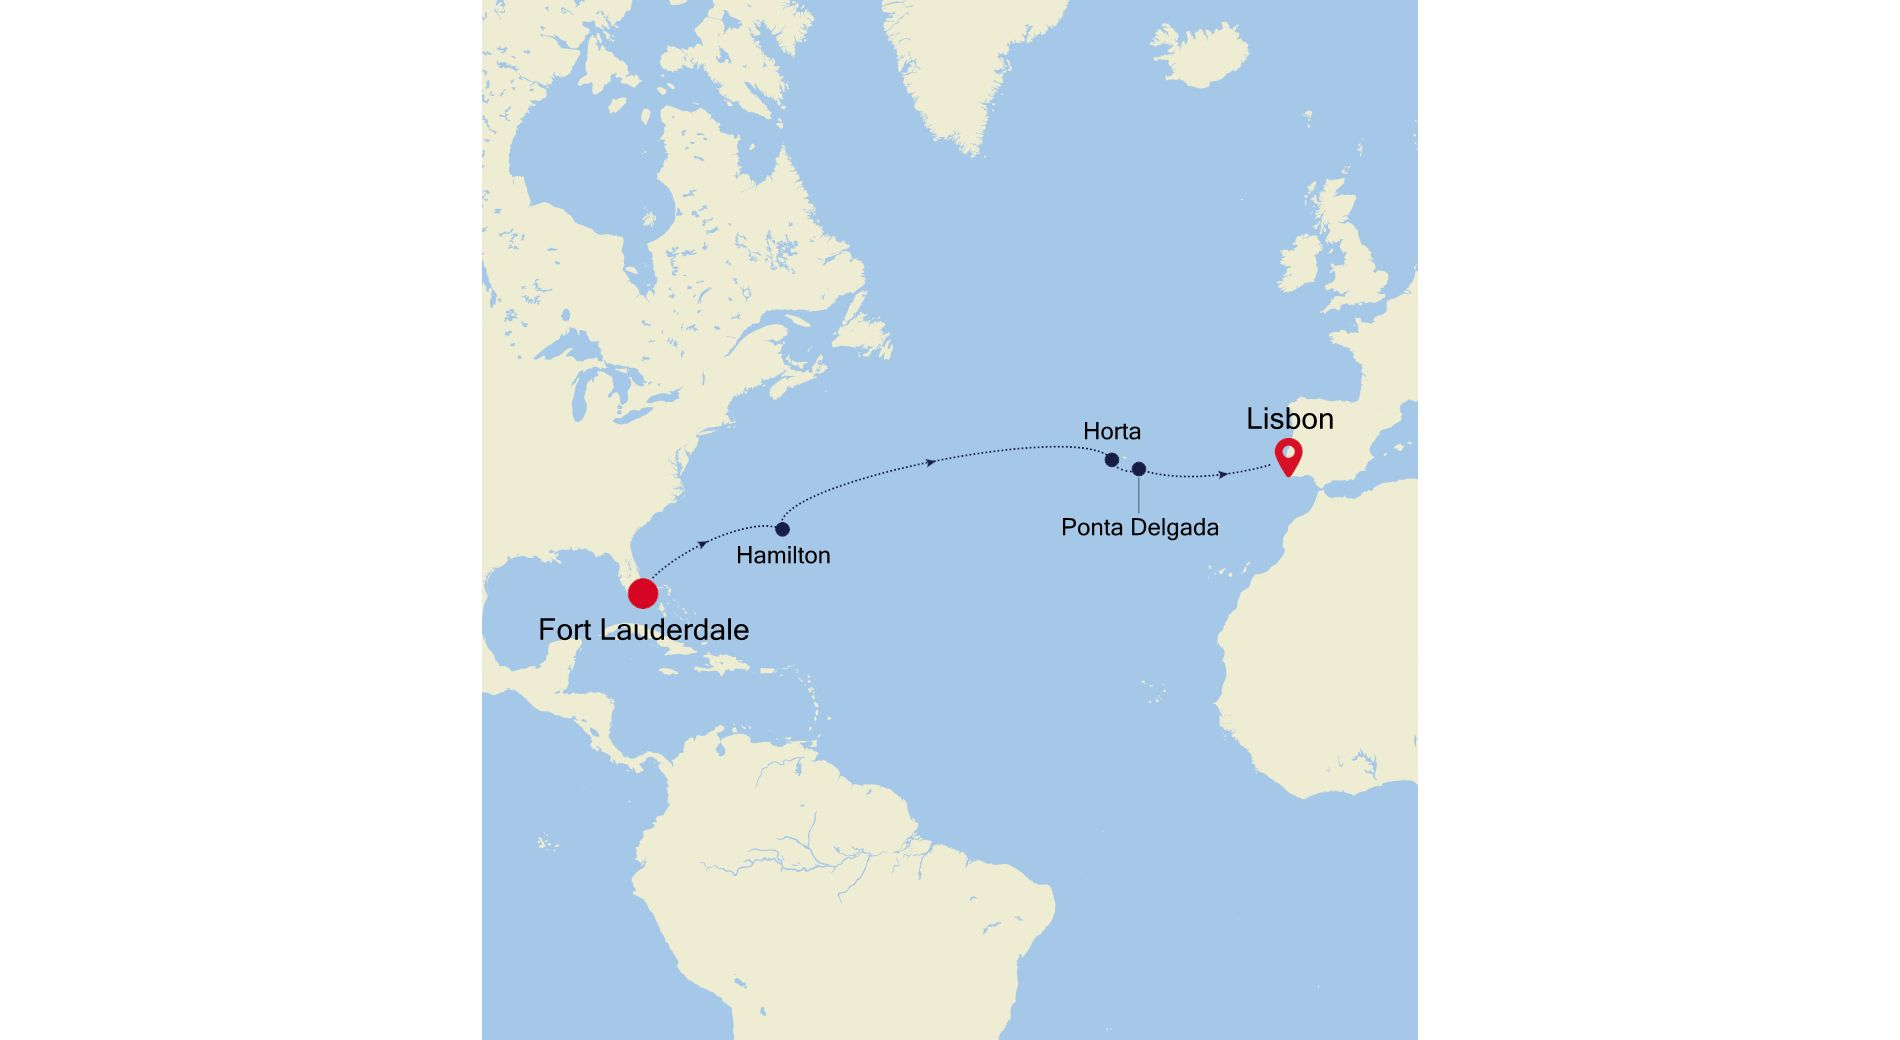 5910 - Fort Lauderdale à Lisbon